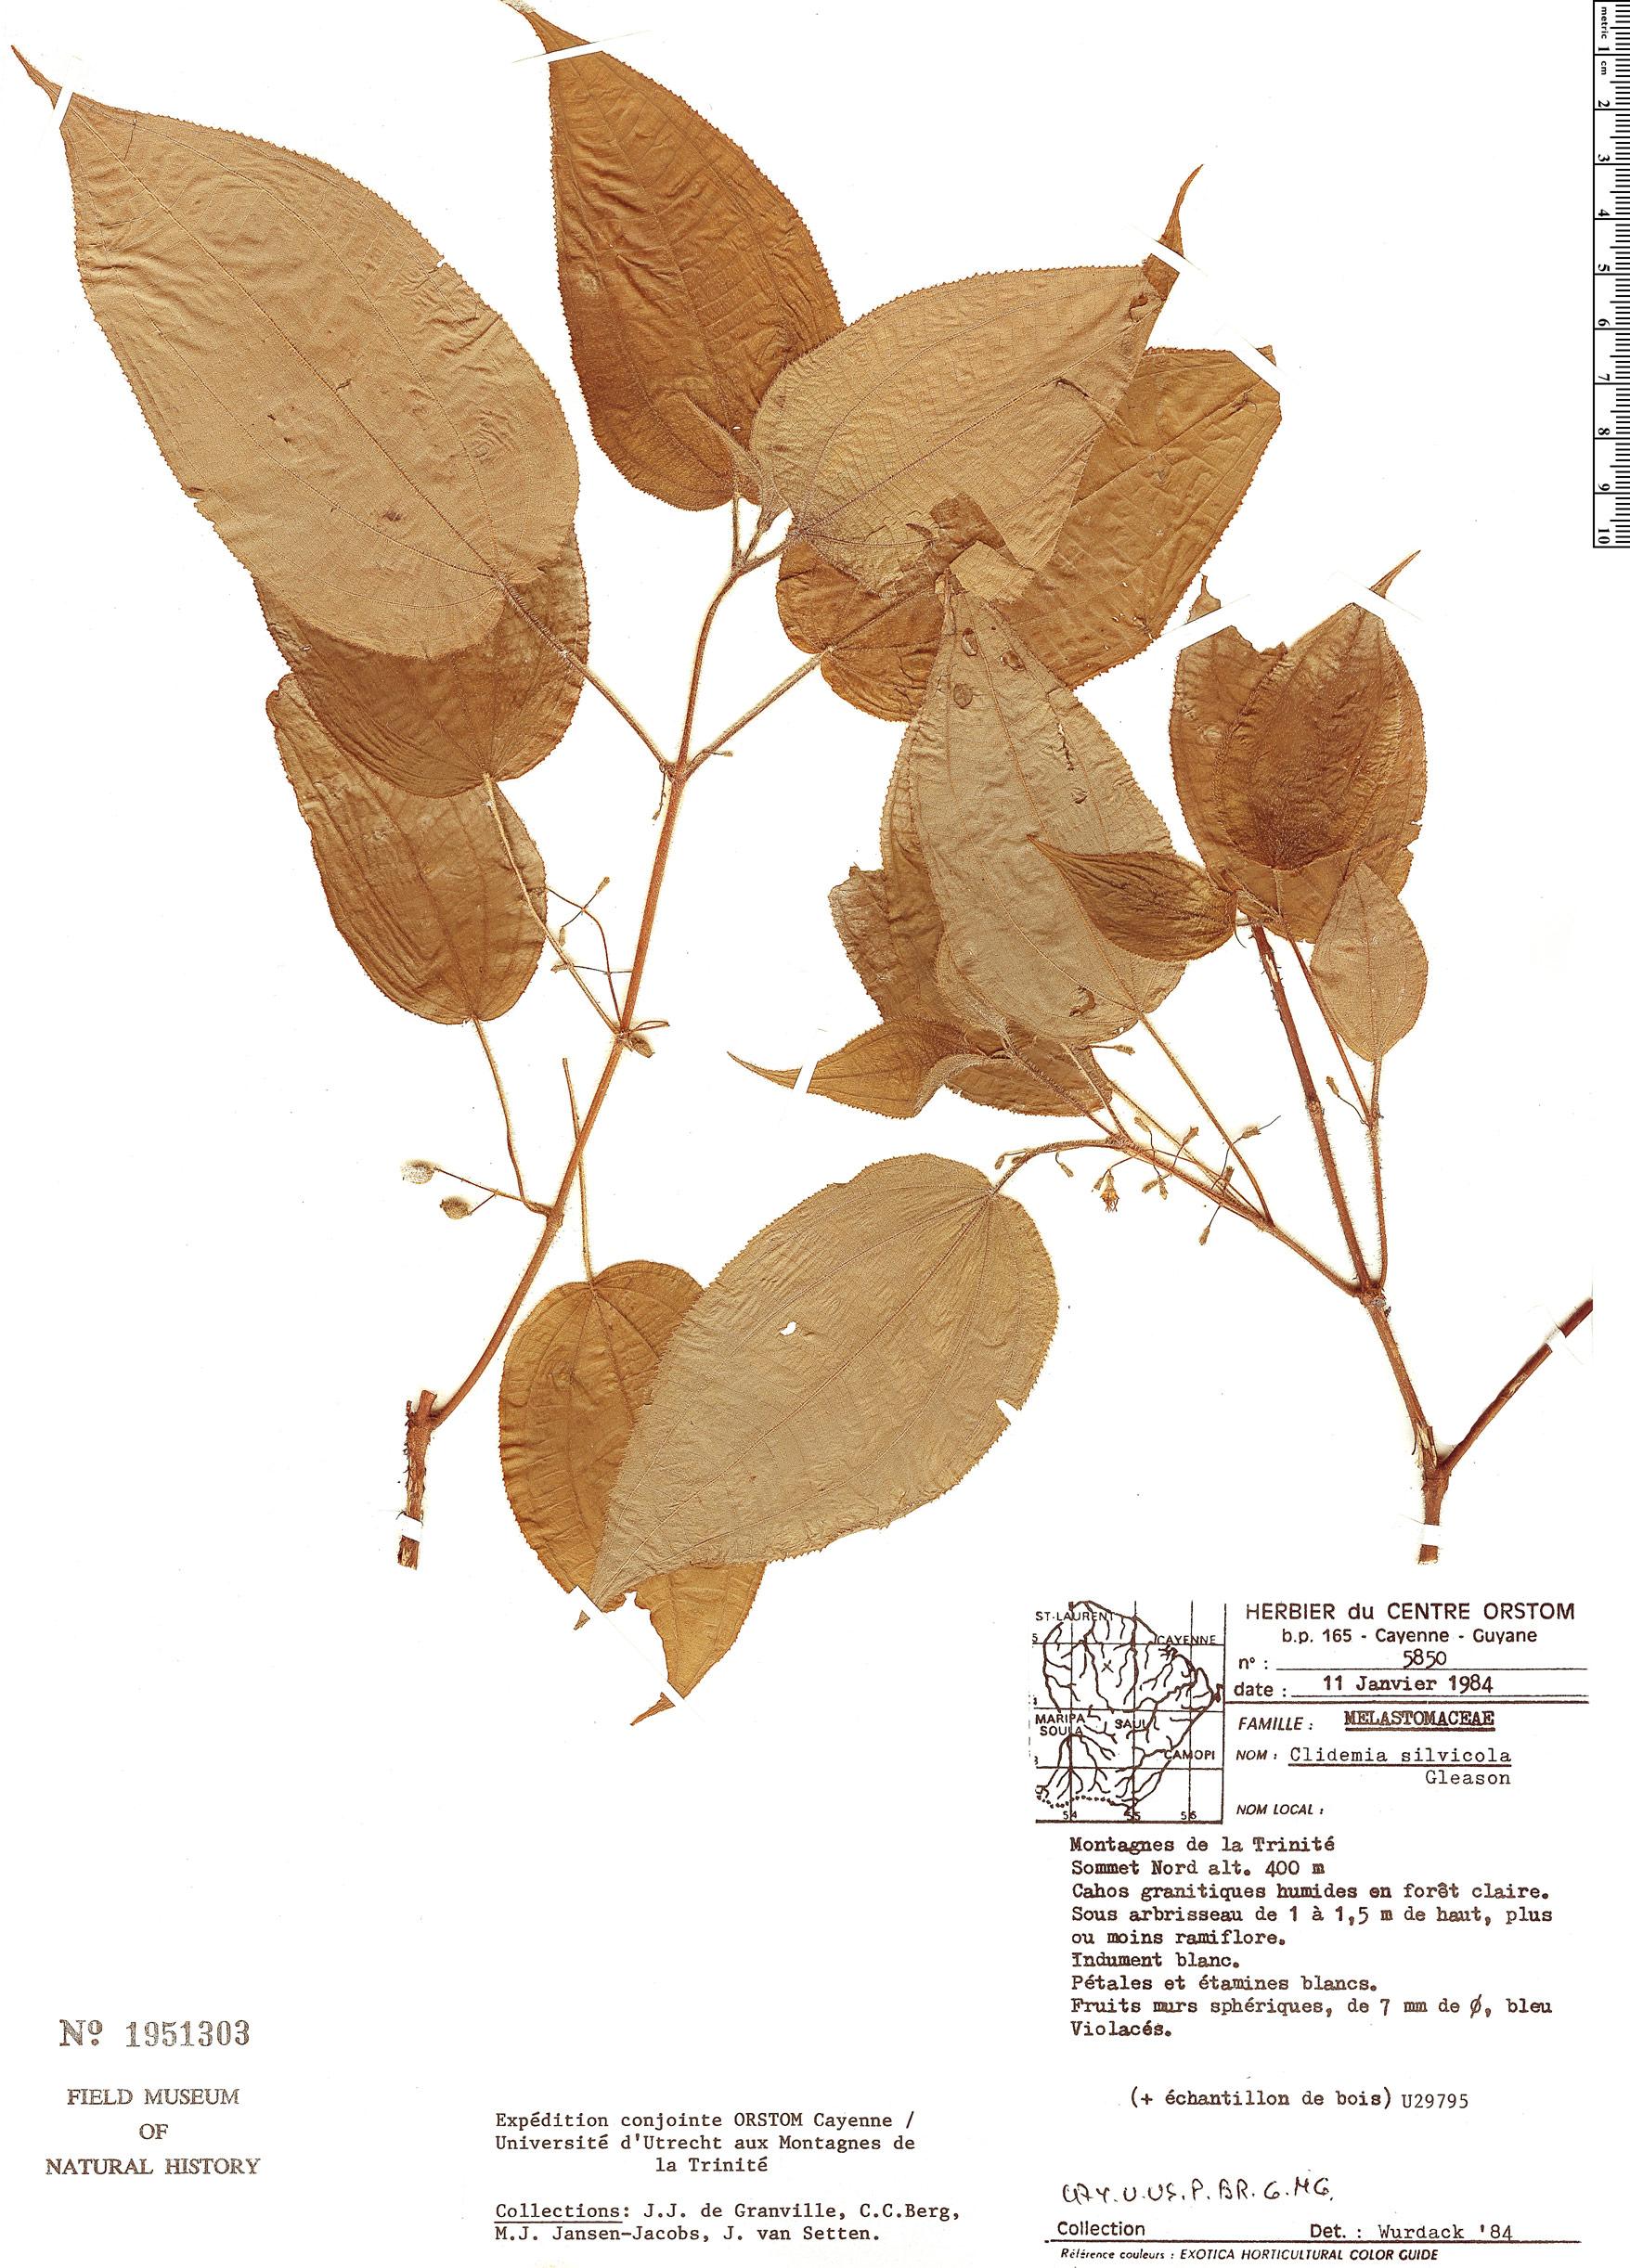 Specimen: Clidemia silvicola